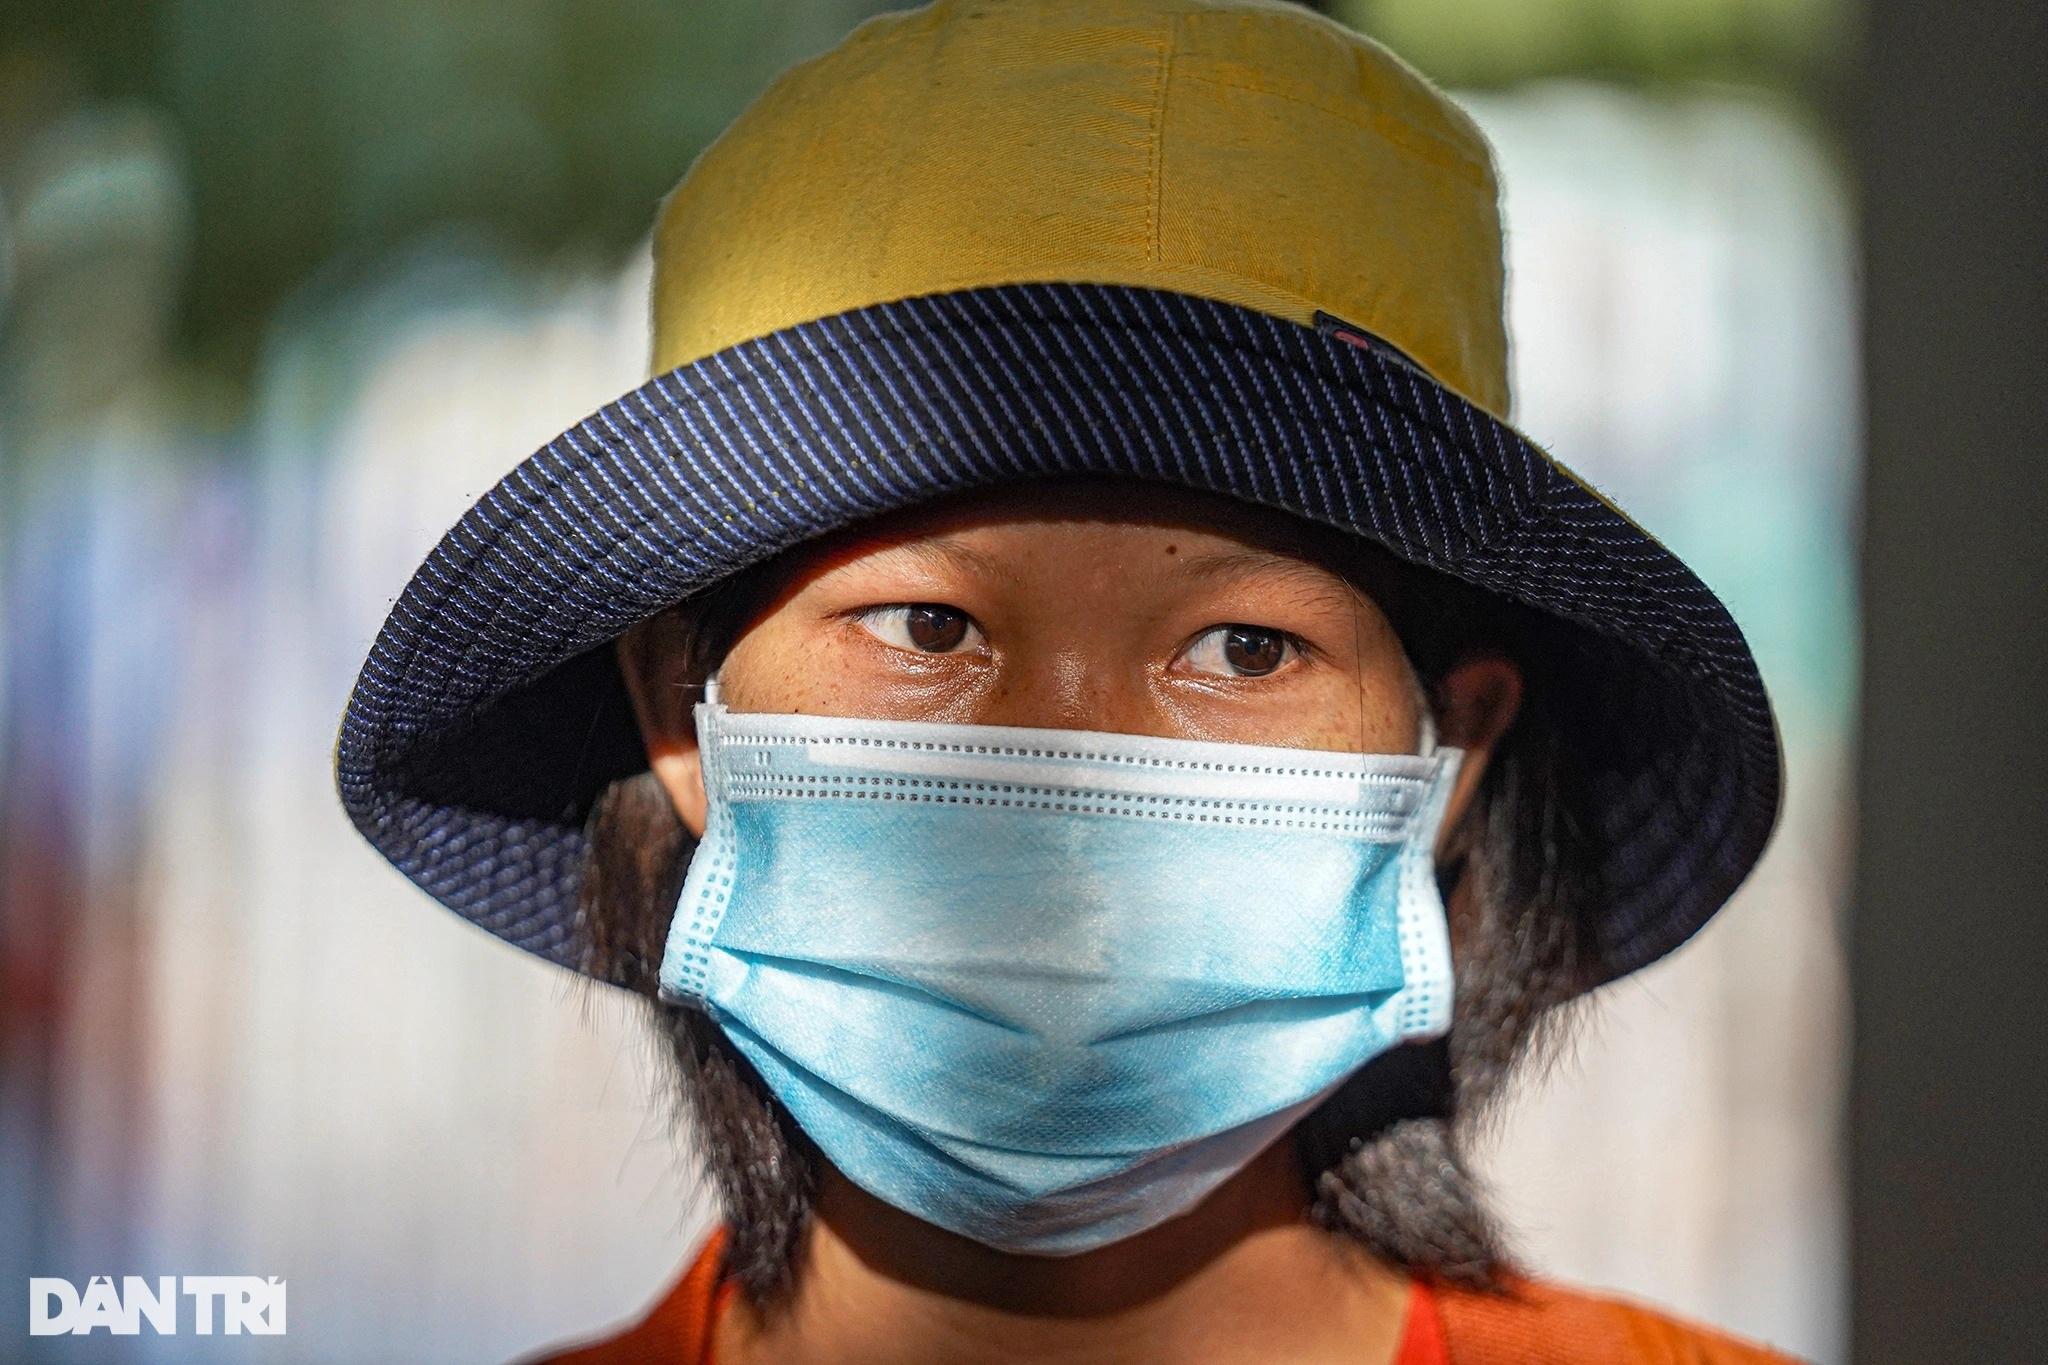 TPHCM hỗ trợ đồng bào thiểu số ở Tây Nguyên về với cái nương, cái rẫy - 2